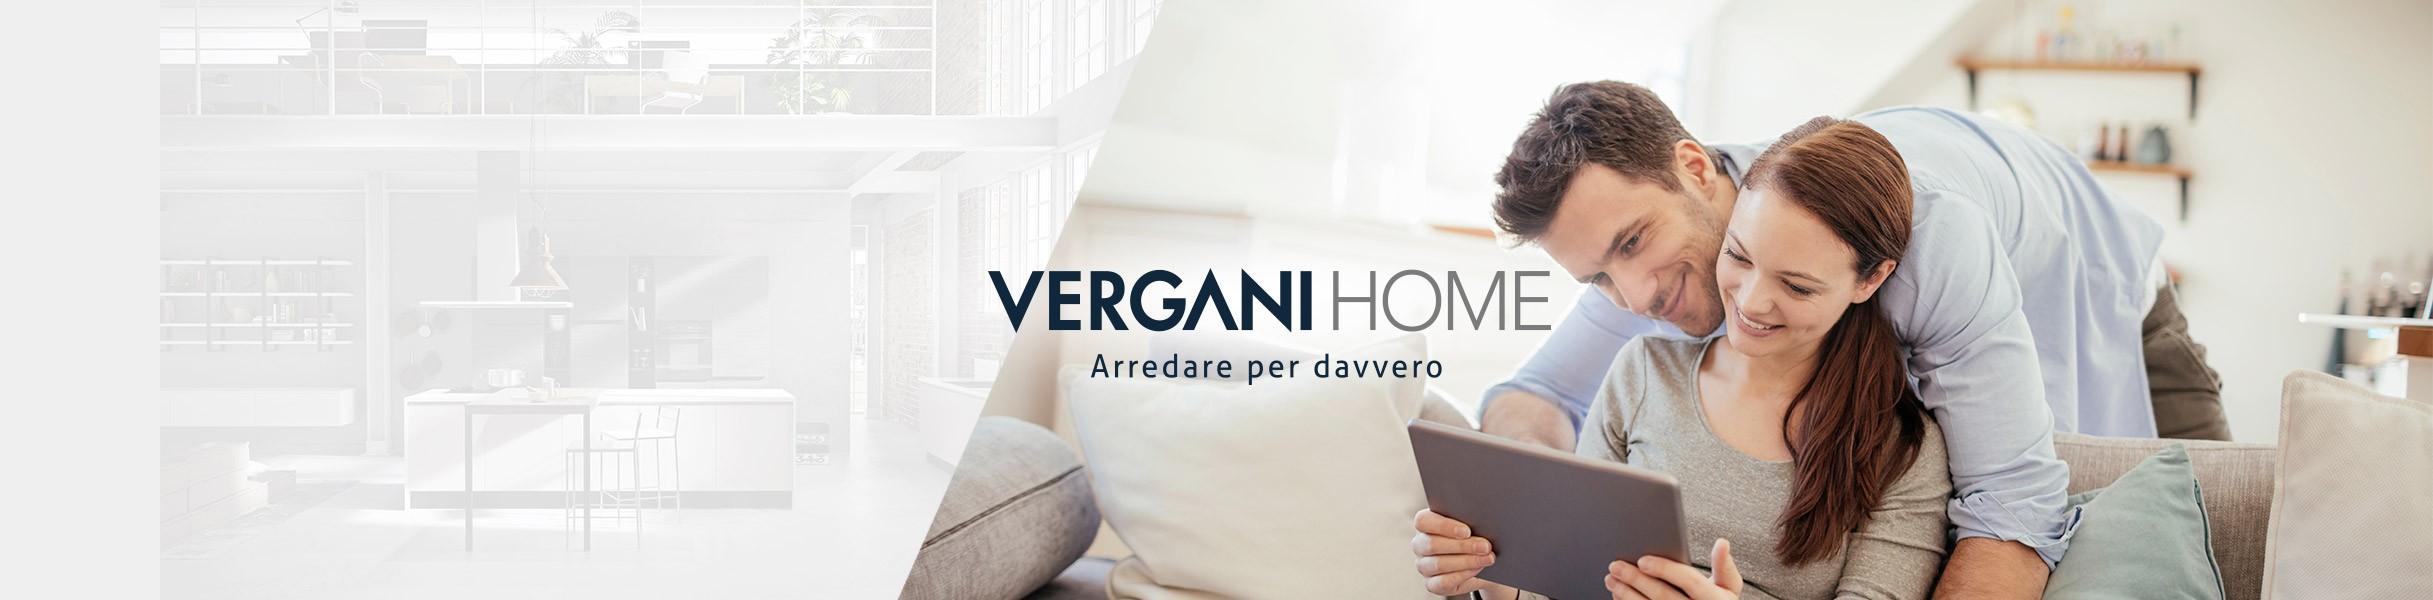 Vergani Home Divani Prezzi vergani home | linkedin